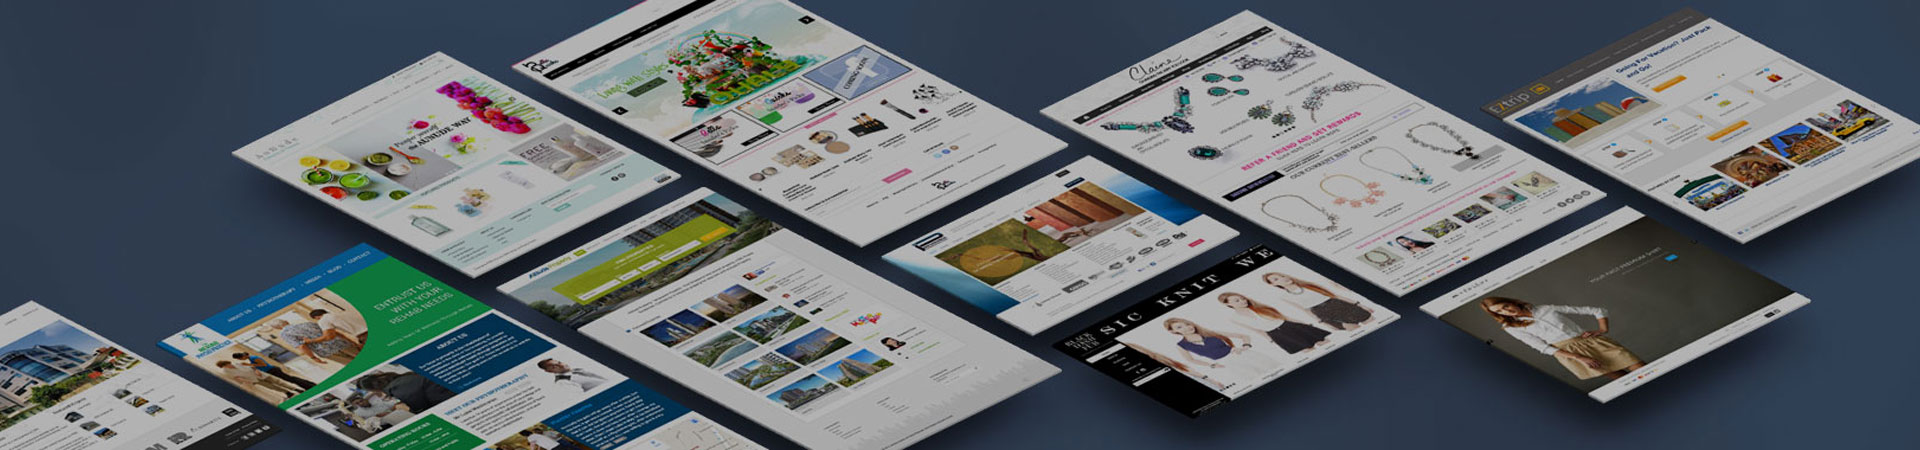 Website Design Singapore - Reign